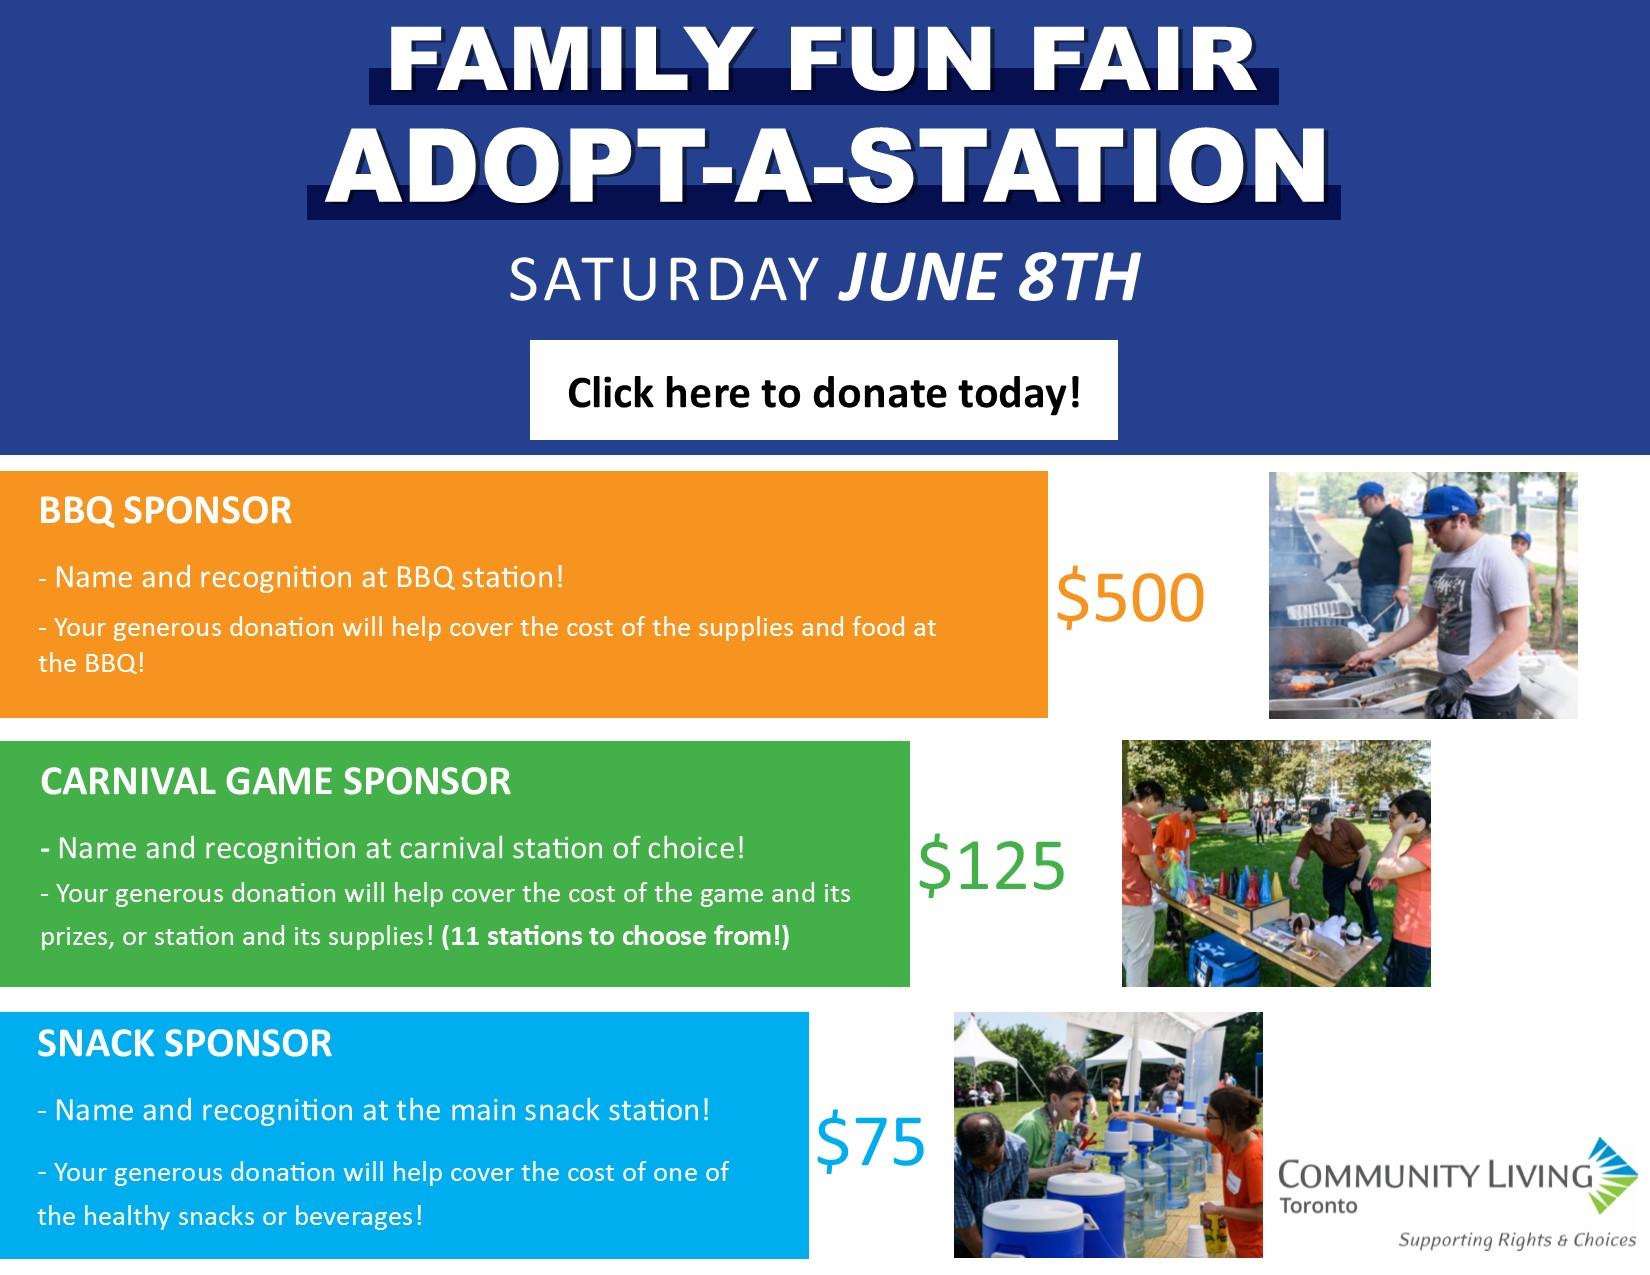 Family Fun Fair - Adopt a Station